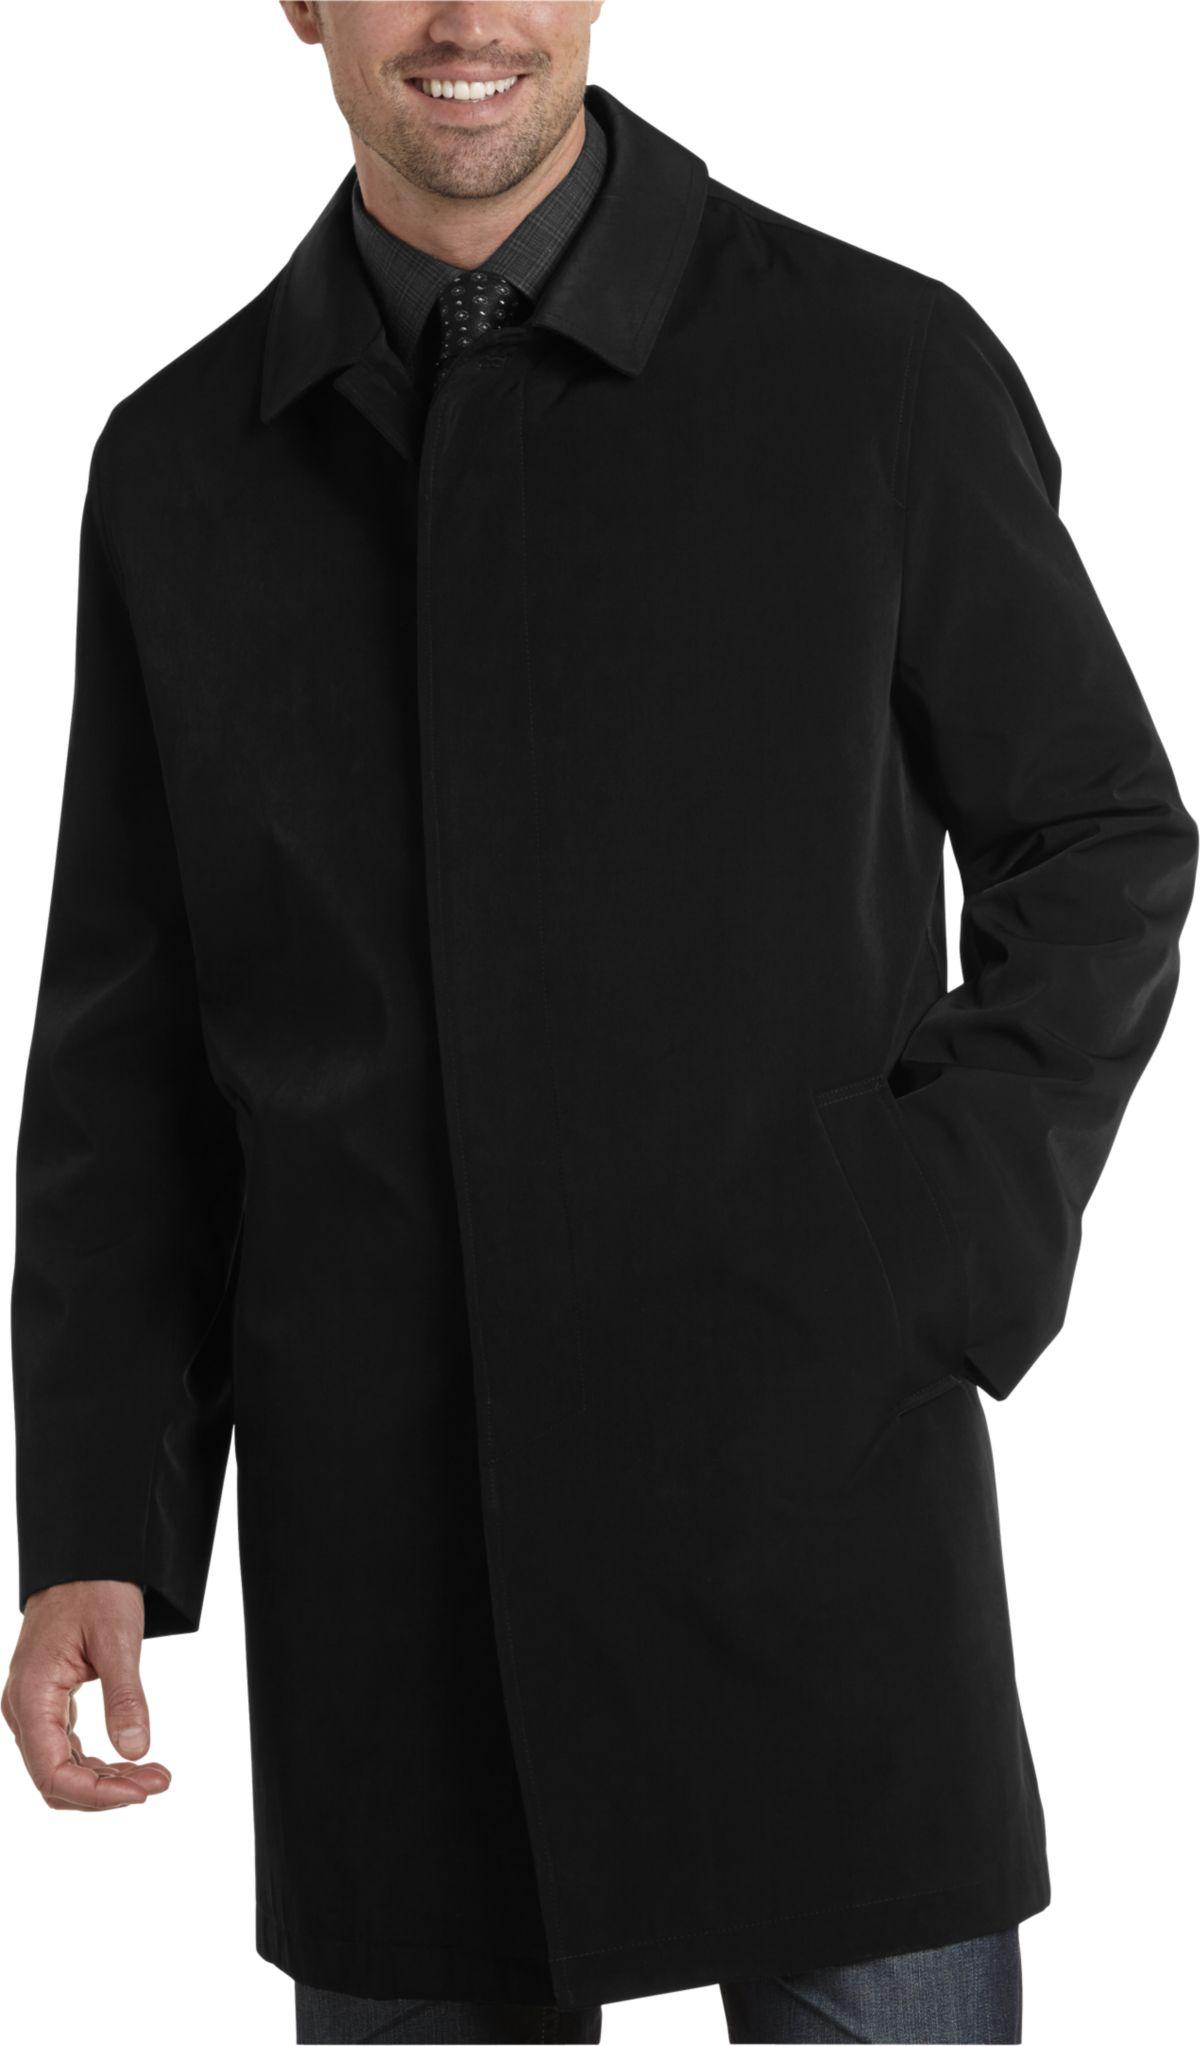 Black Classic Fit Raincoat - Men's Outerwear - Joseph Abboud ...